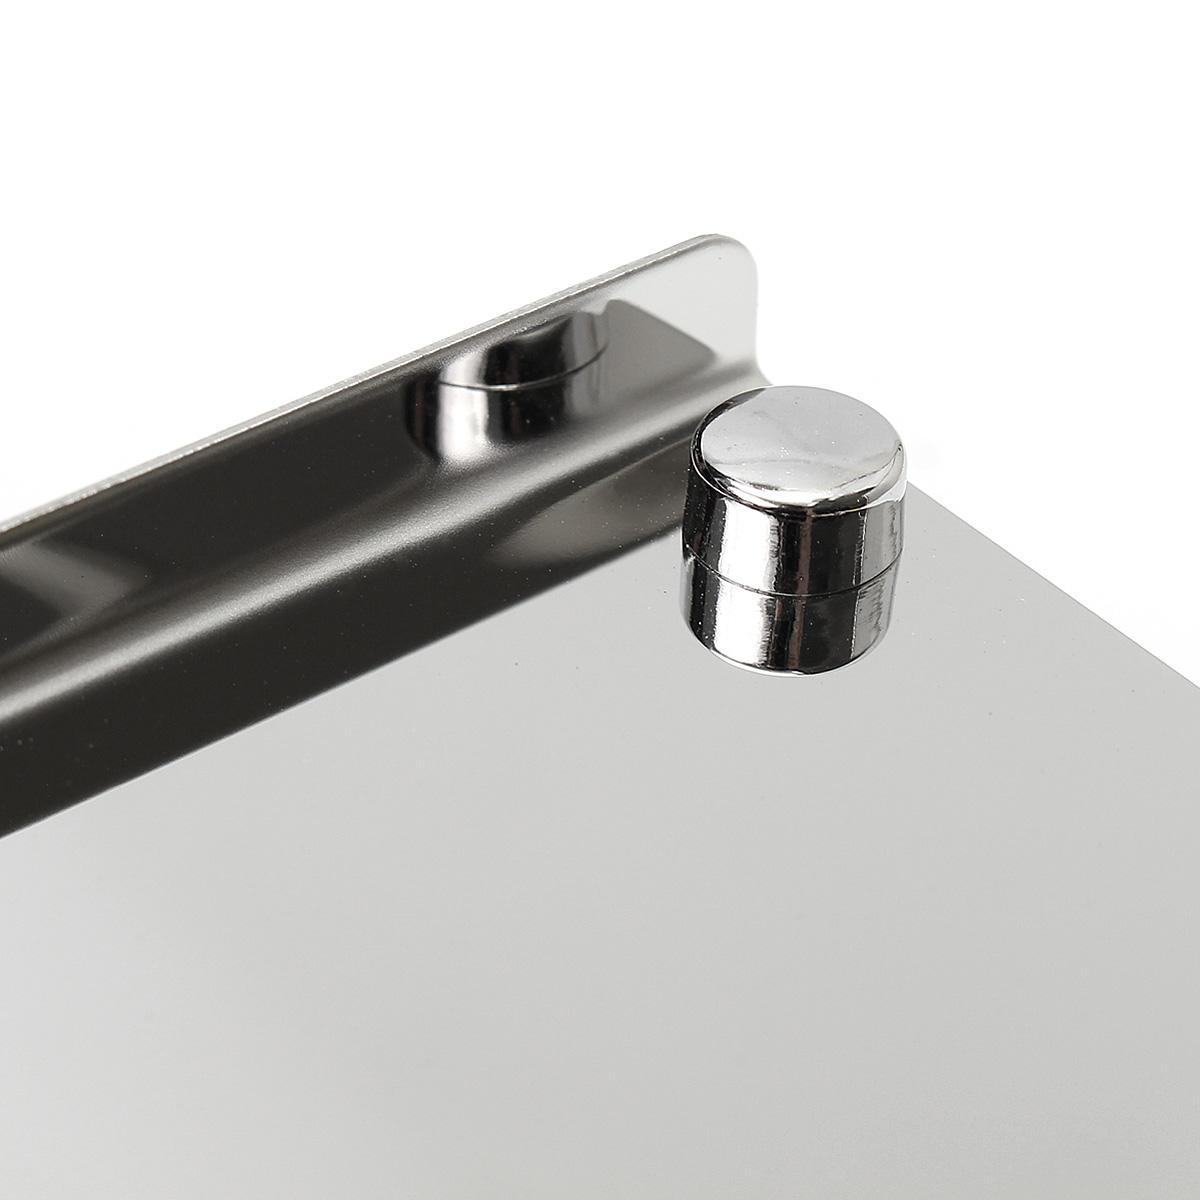 RVS toiletrolhouder papieren handdoekhouder Wandmontage voor Home badkamer papierhaak - 3